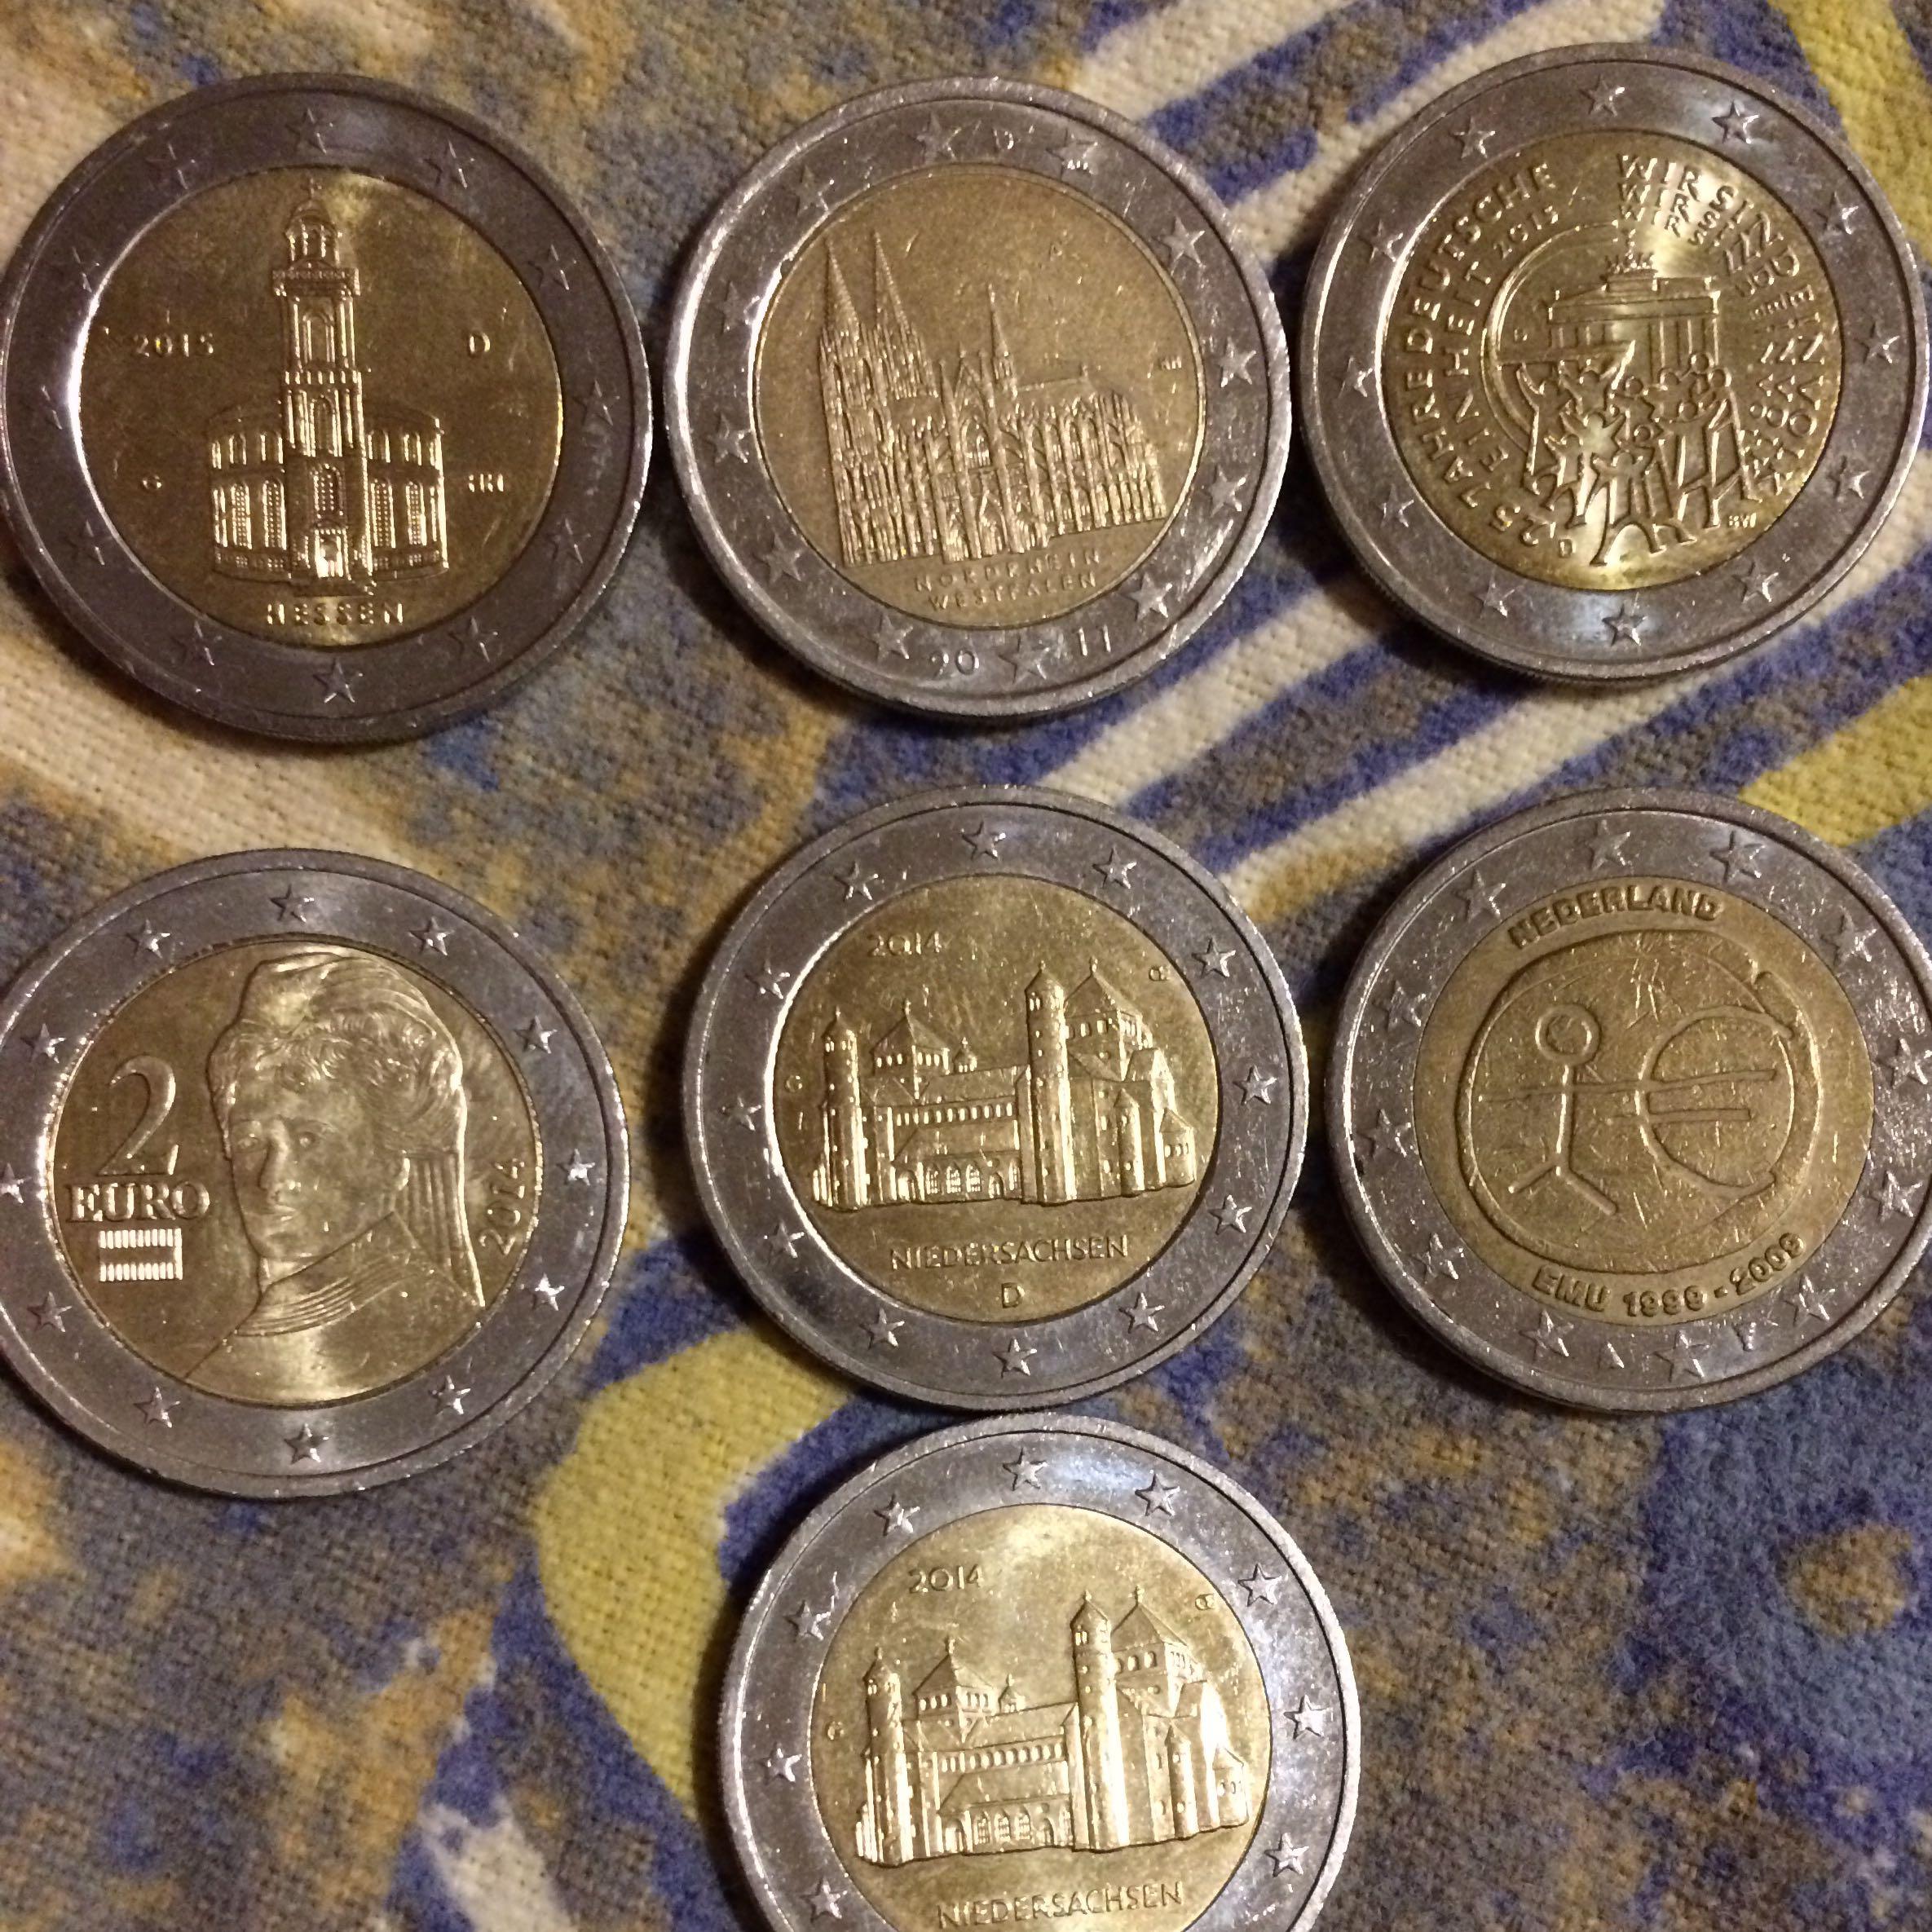 Sind Auf Dem Bild Zufällig Münzen Die Etwas Wert Sind Geld Euro